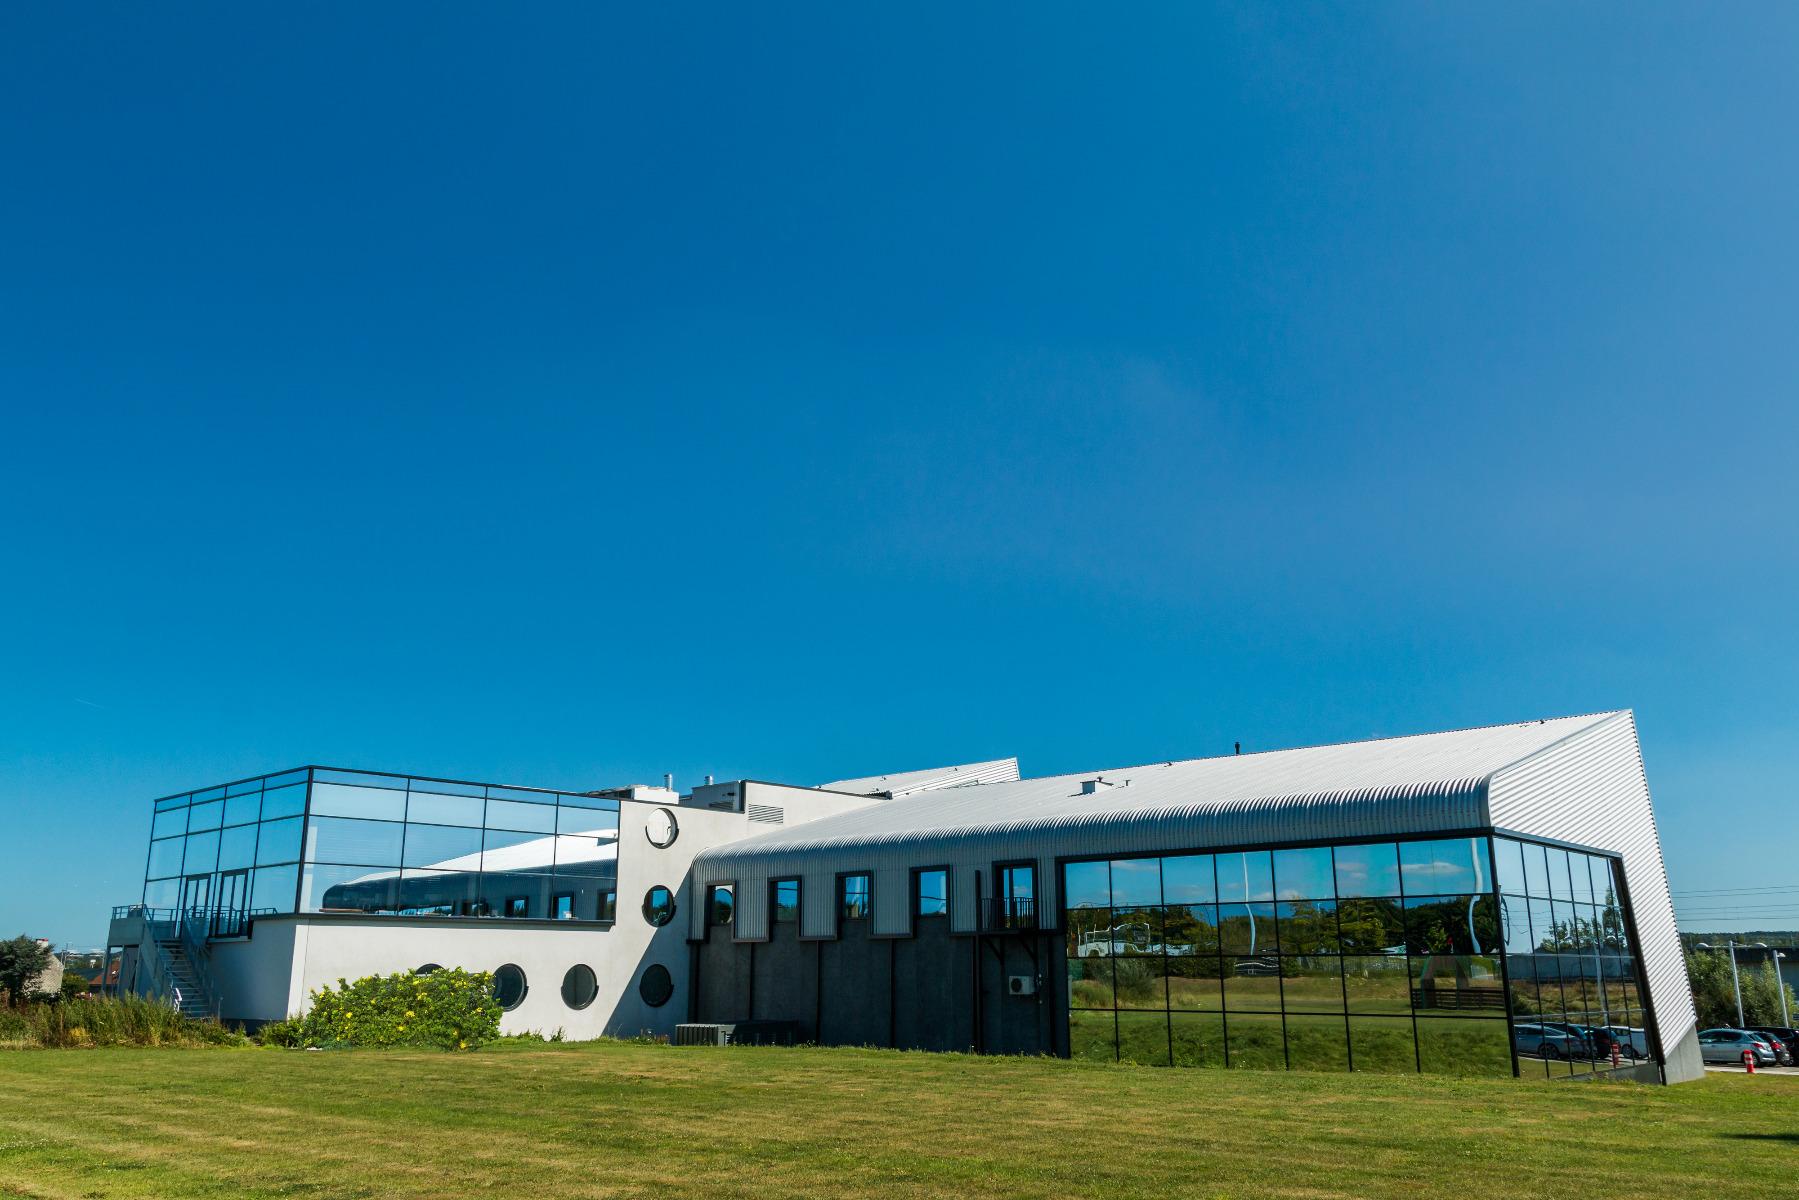 Golfexpedition-Golfreizen-België-Brussel-Red-course-wit-zwart-glas-gebouw